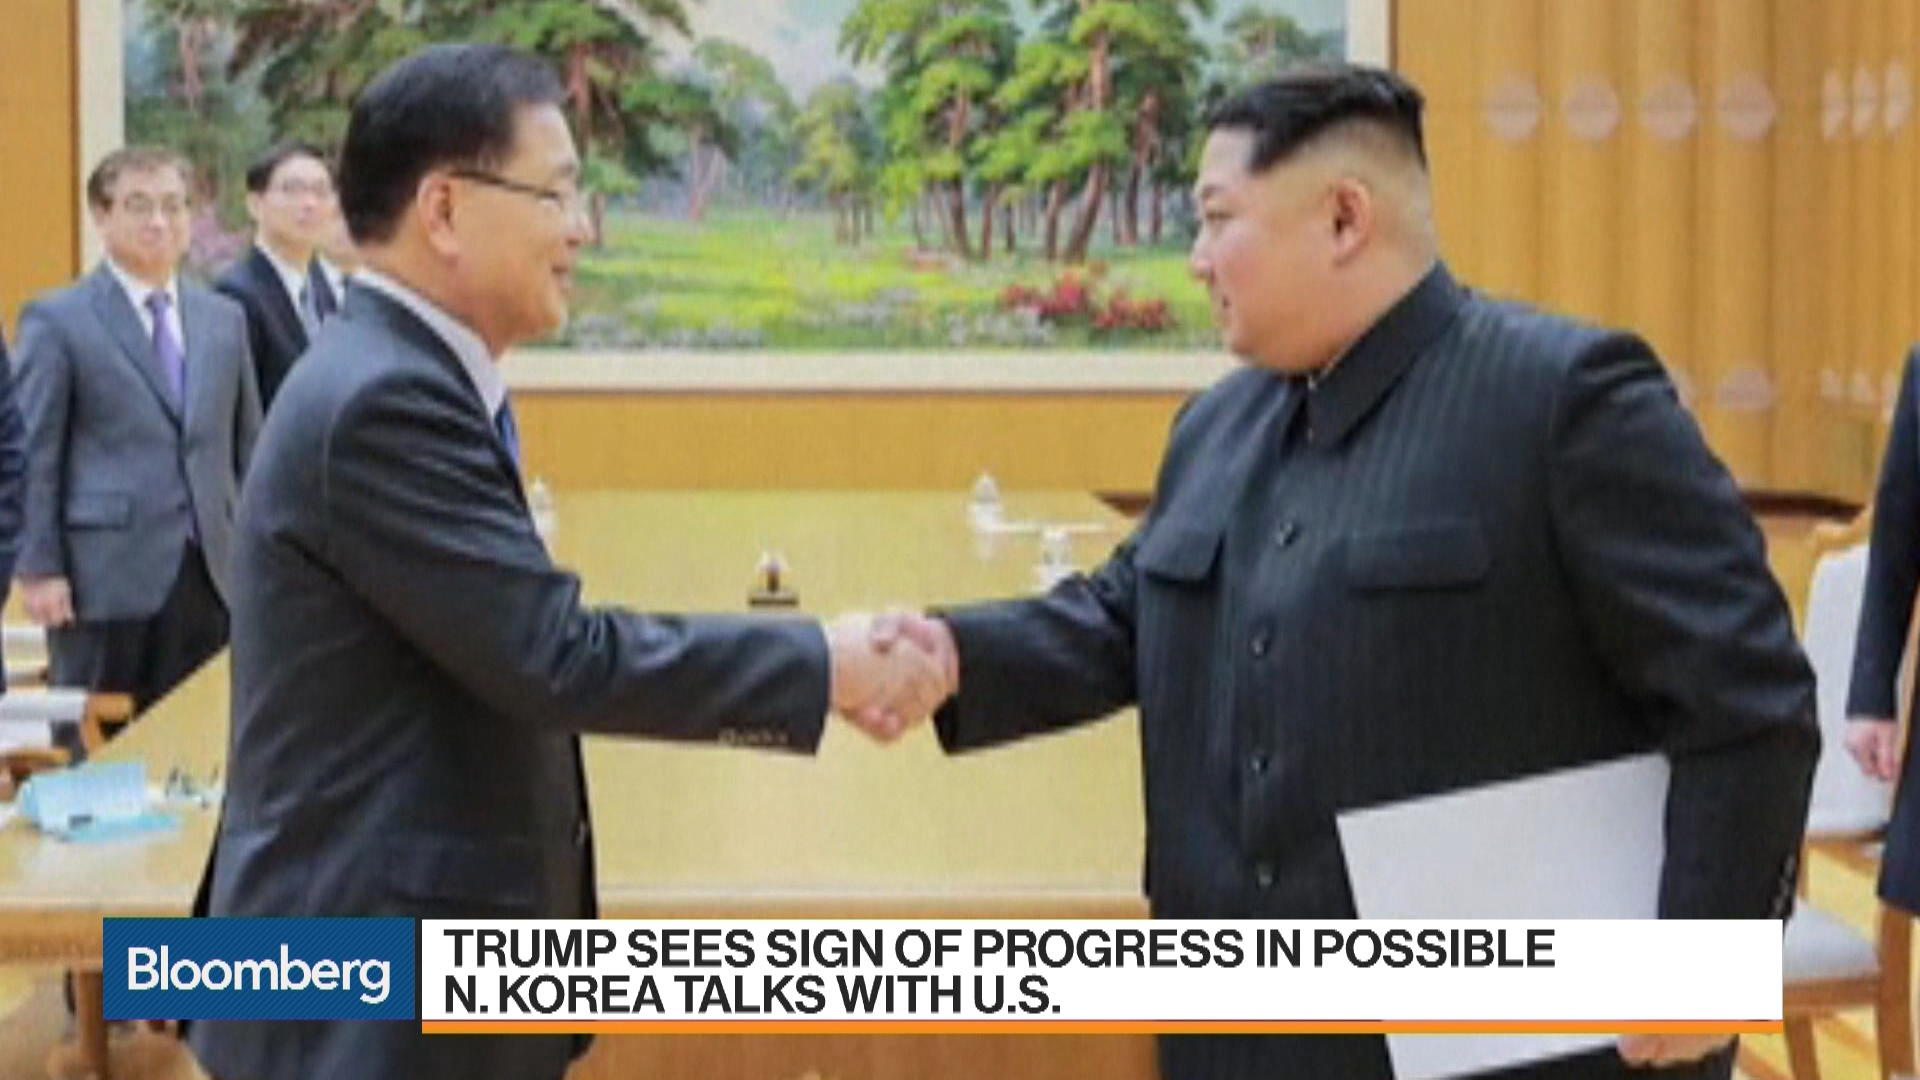 I believe North Korea is honest